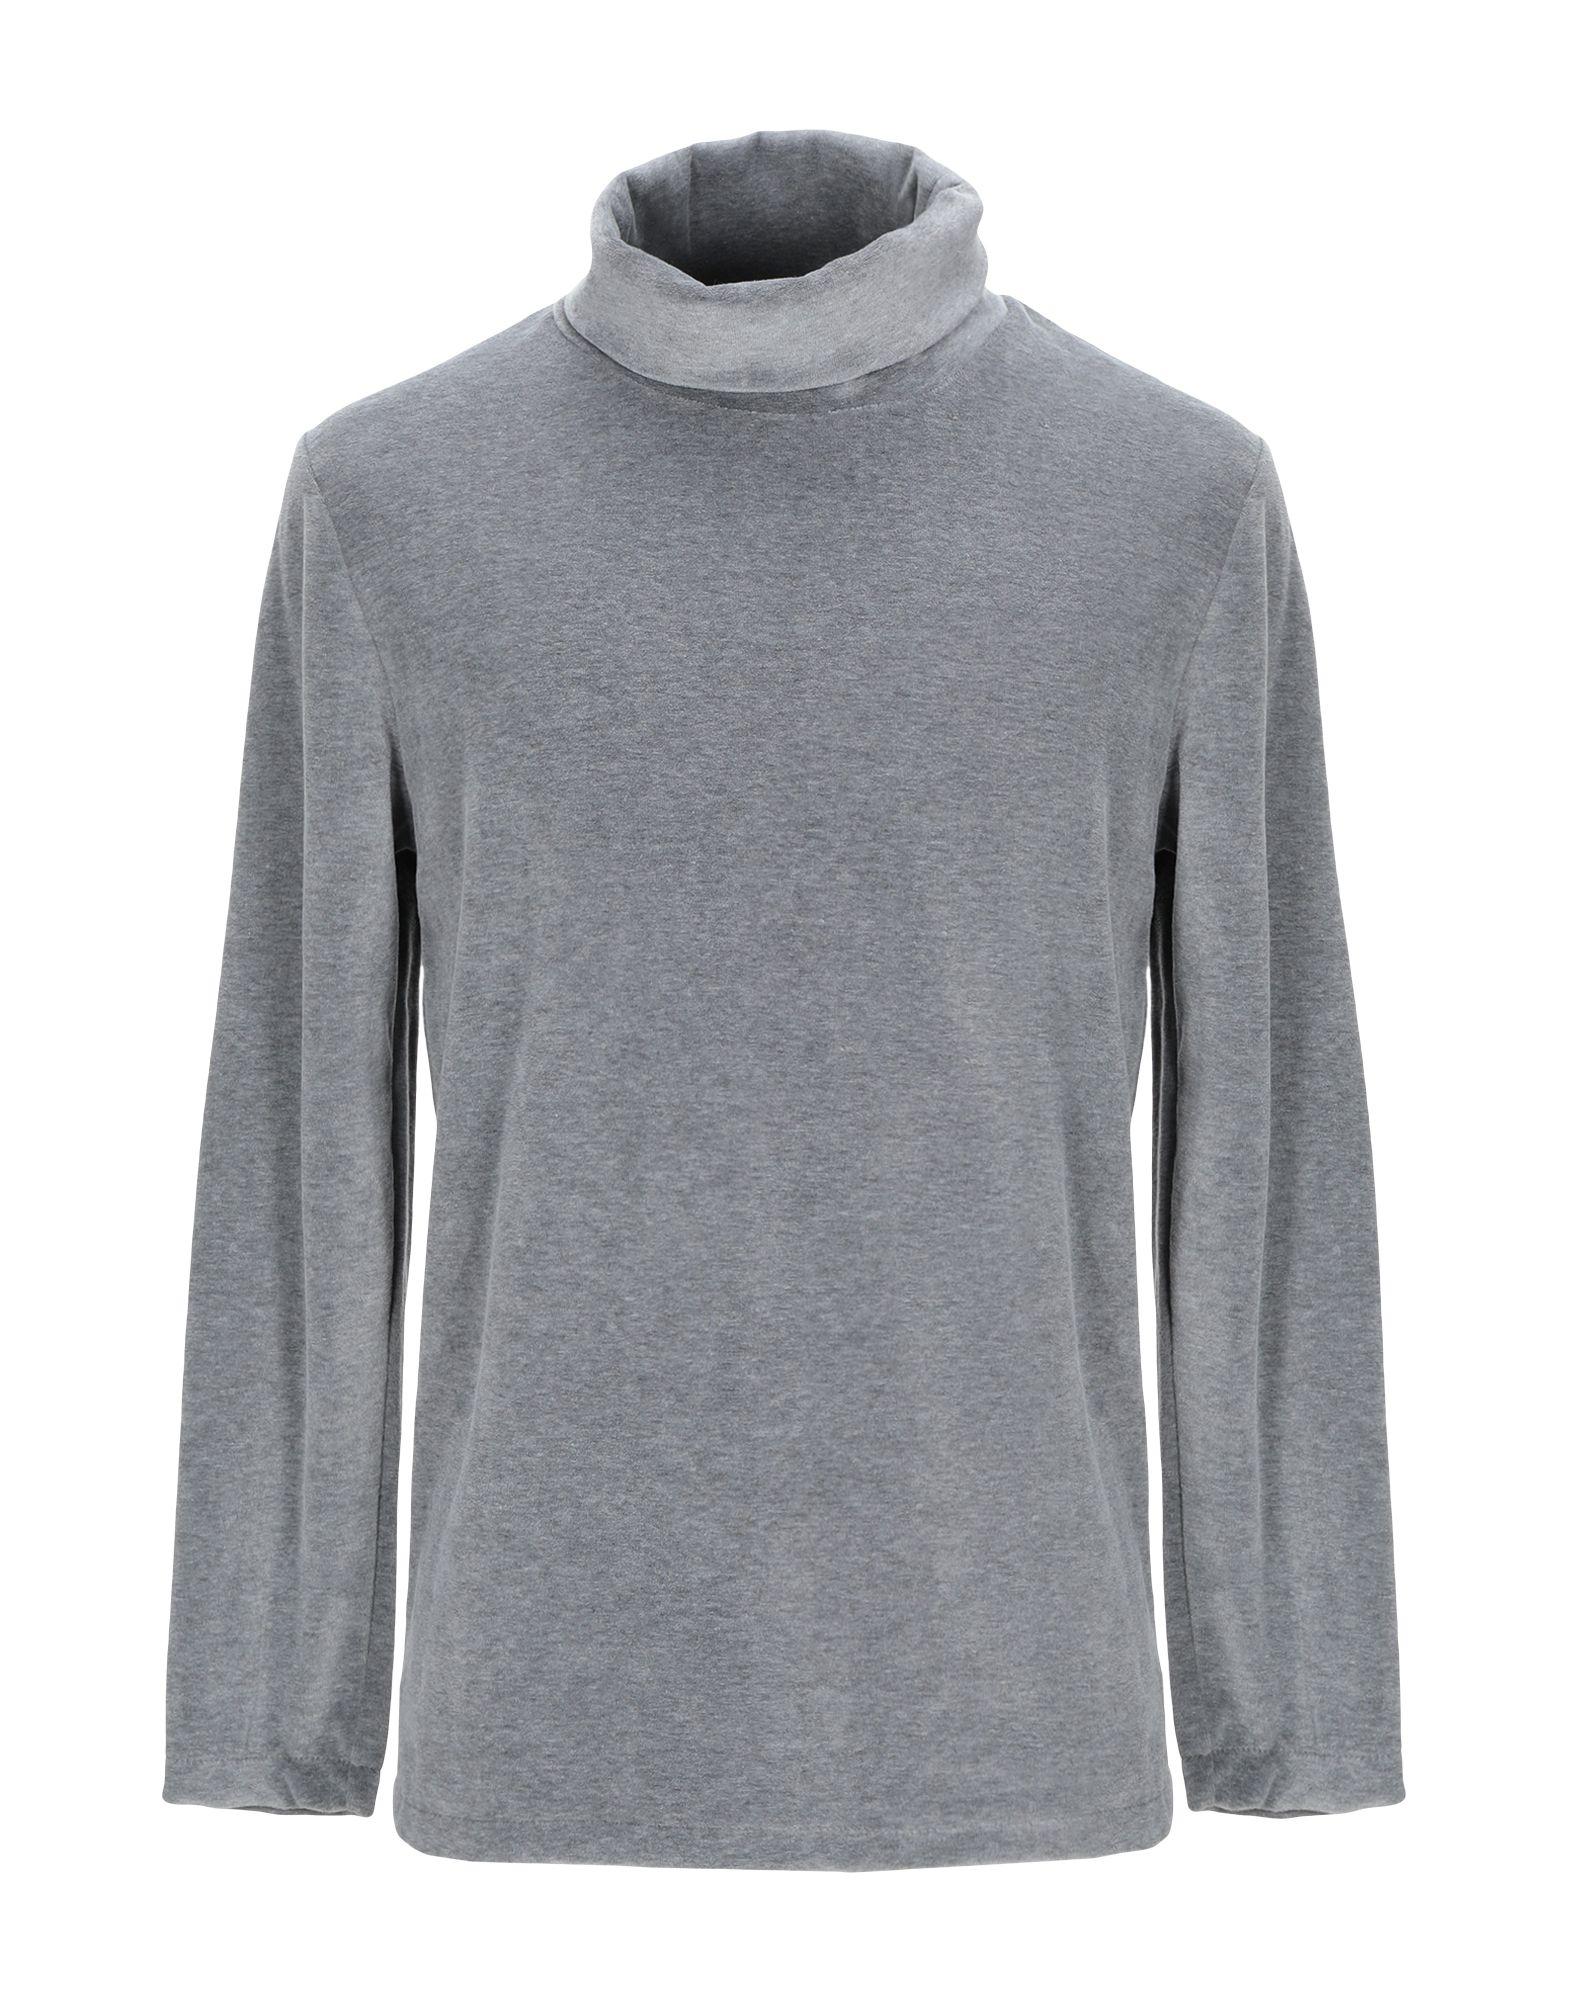 《セール開催中》CHOICE NICOLA PELINGA メンズ スウェットシャツ グレー M コットン 66% / ポリエステル 34%